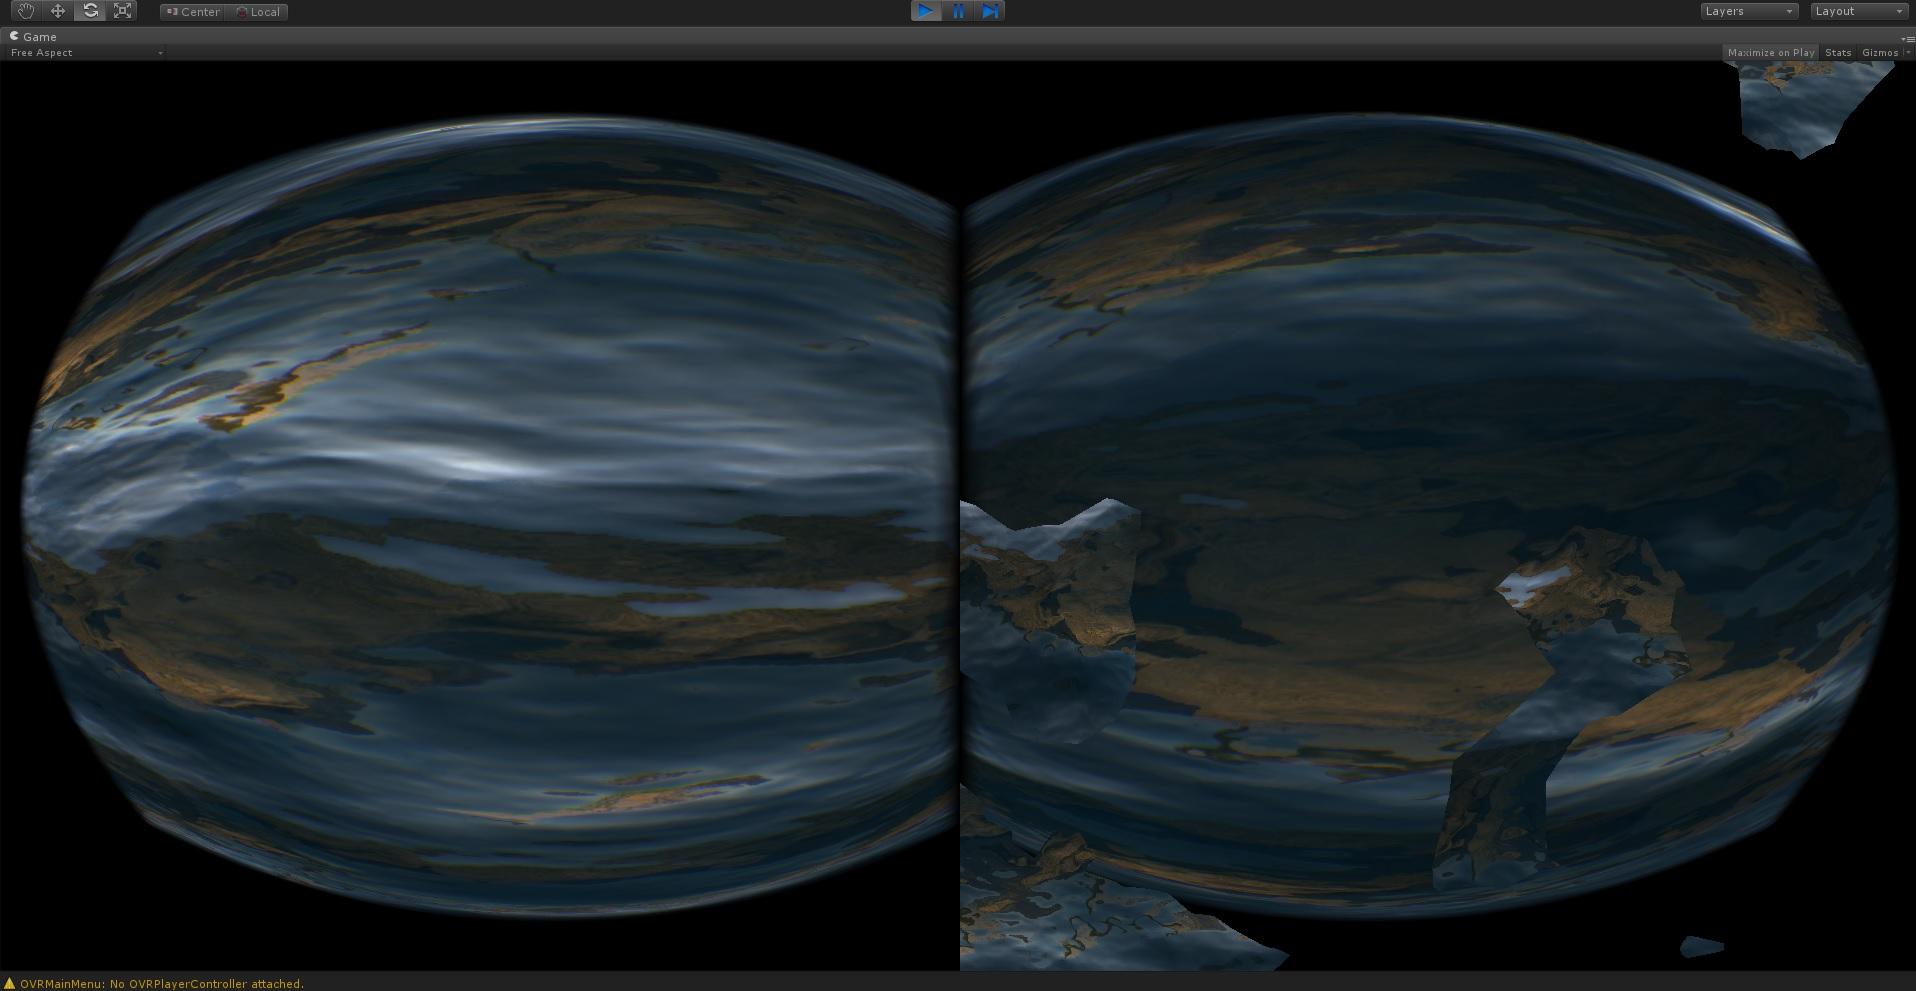 $oculus_ovr_001.jpg